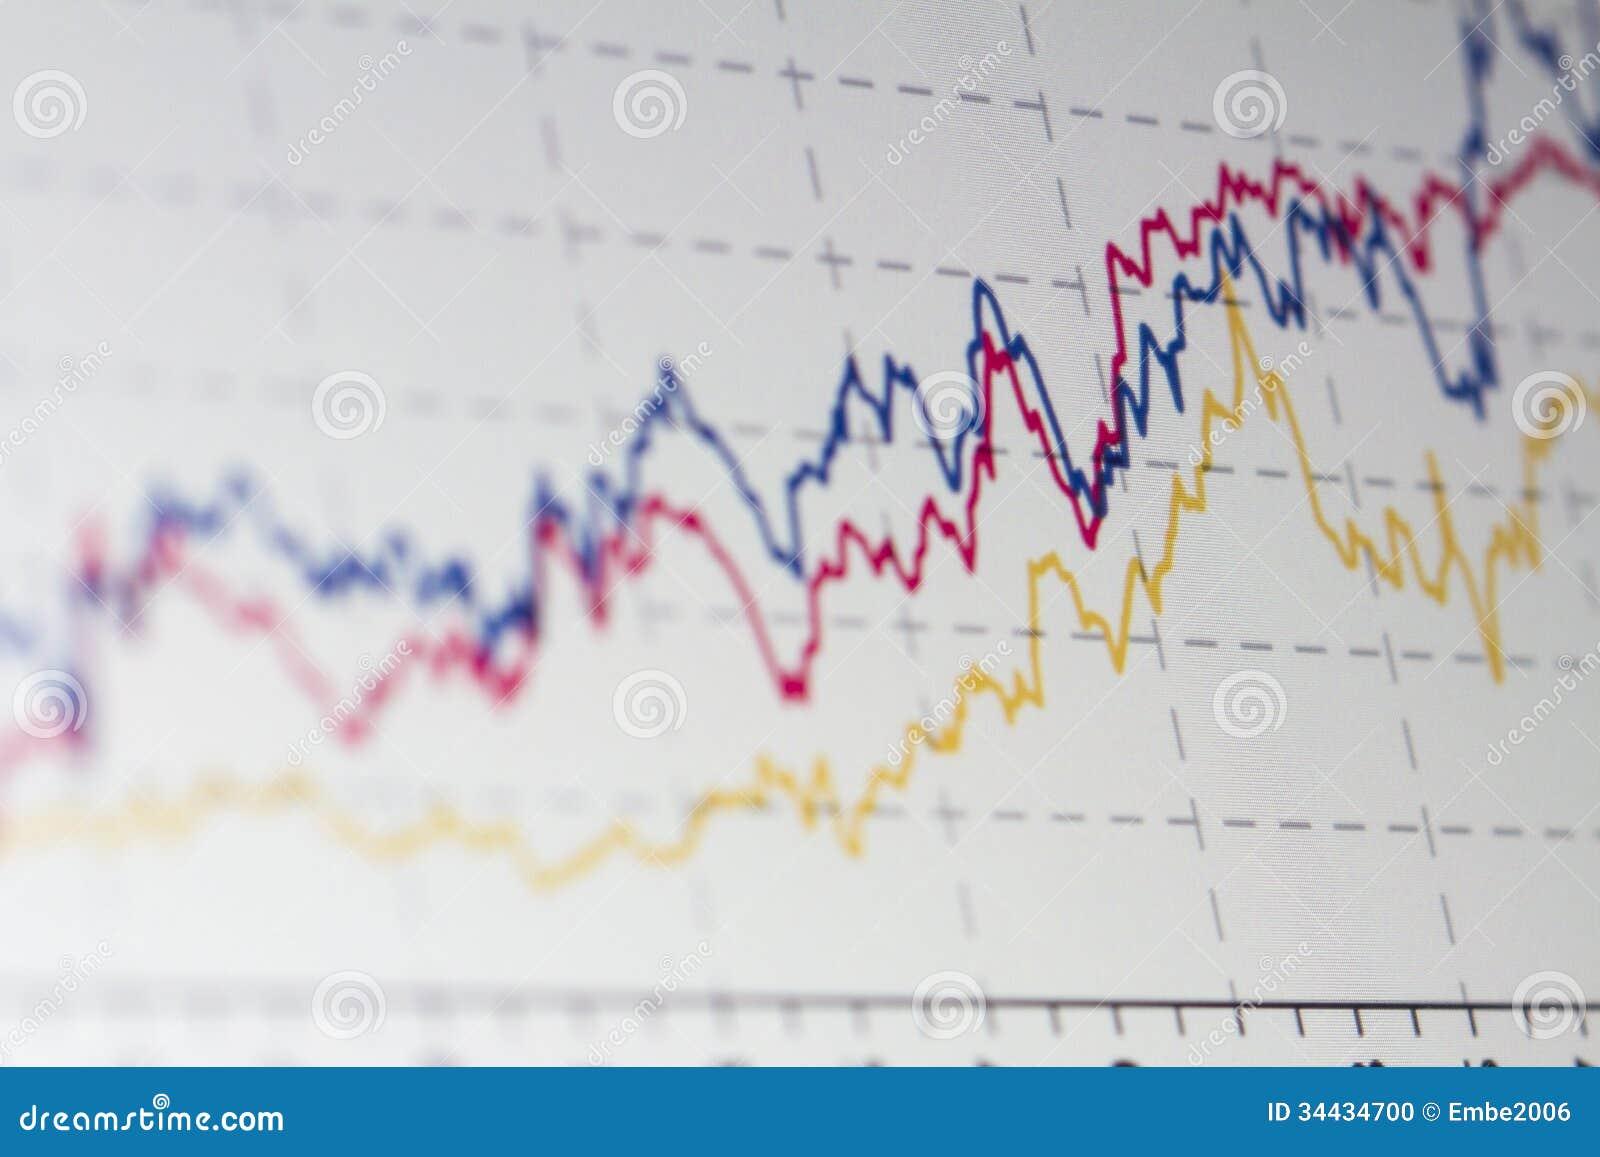 Diagramme de marché boursier